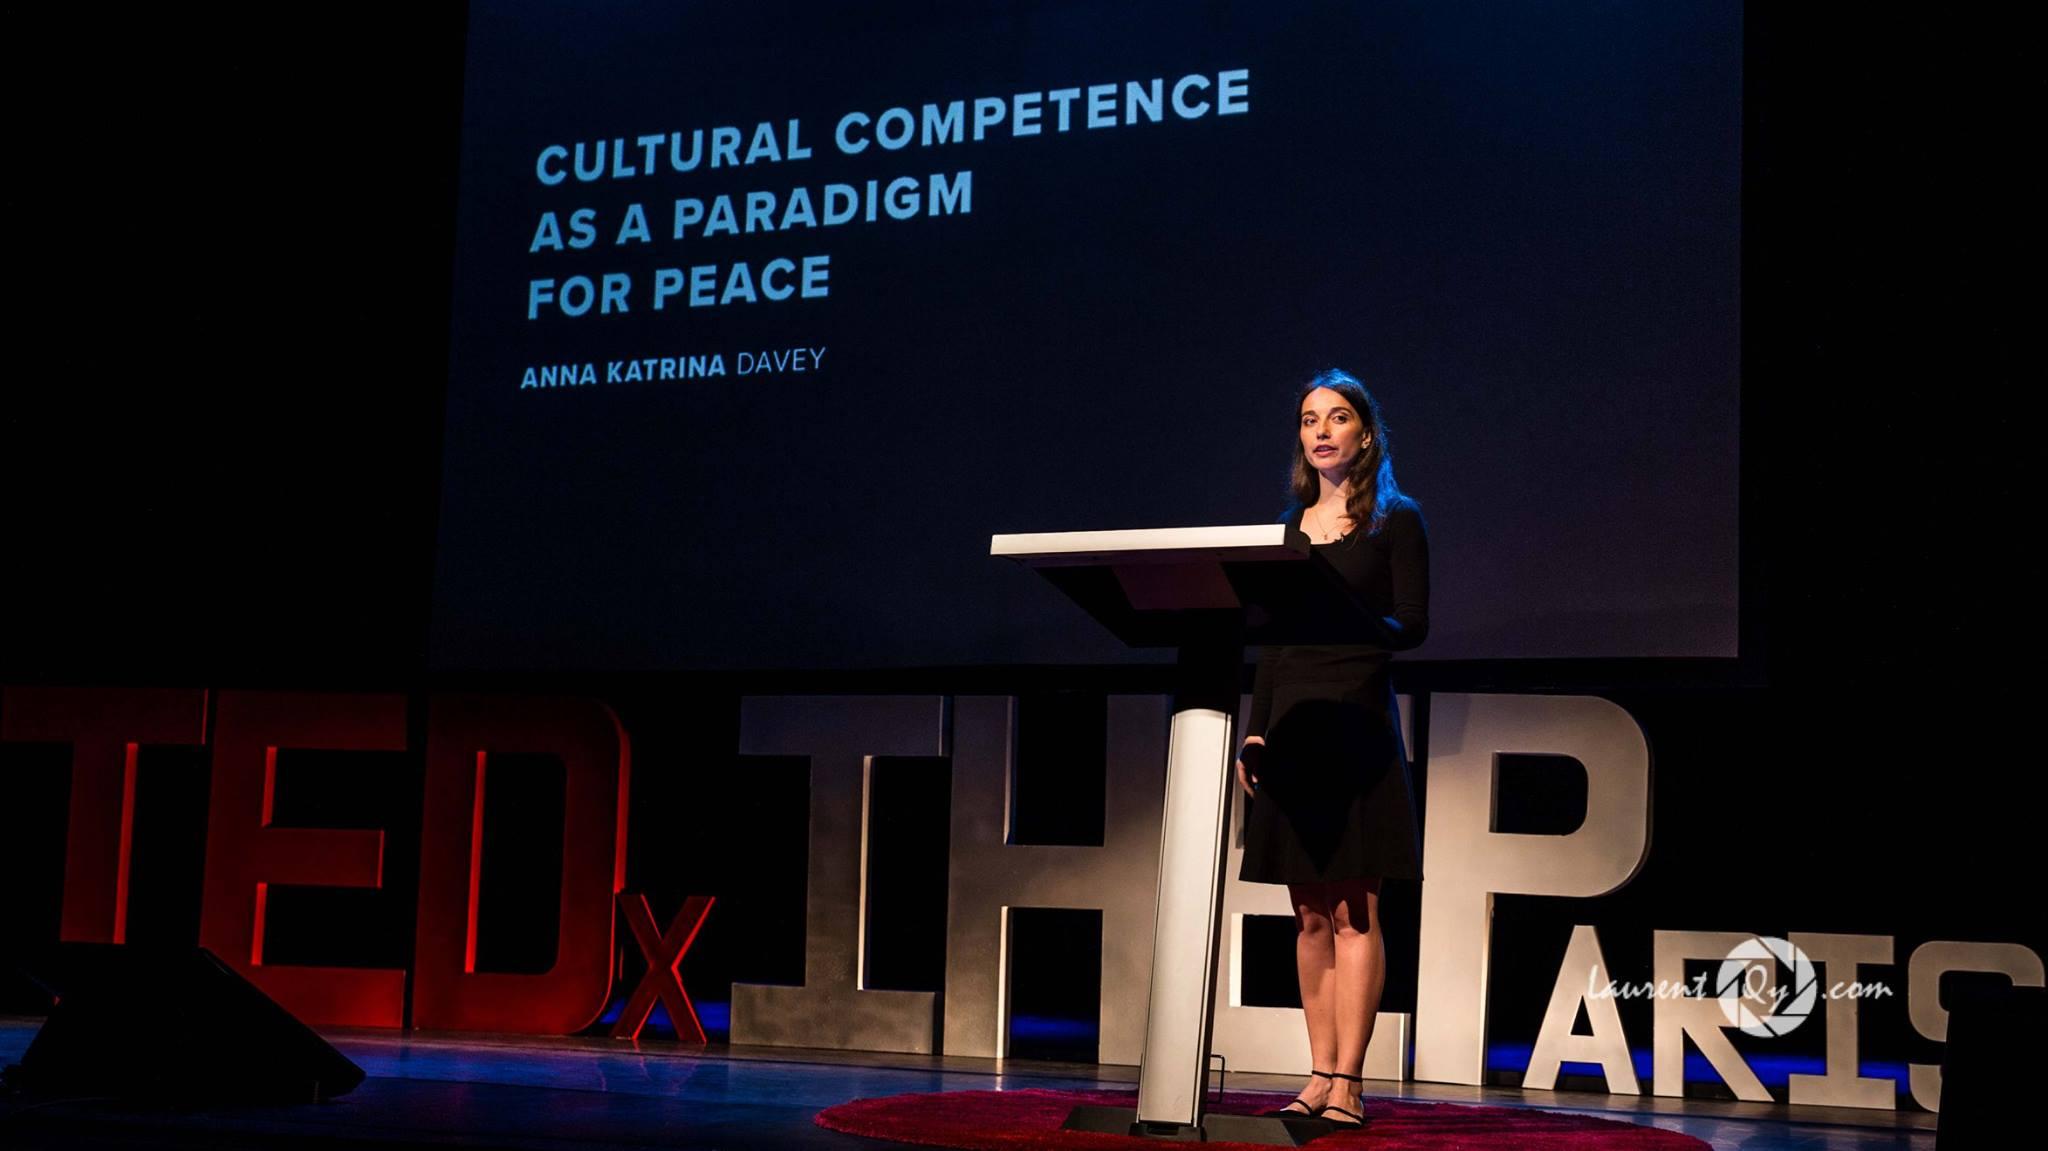 TEDx Paris Cultural Competence